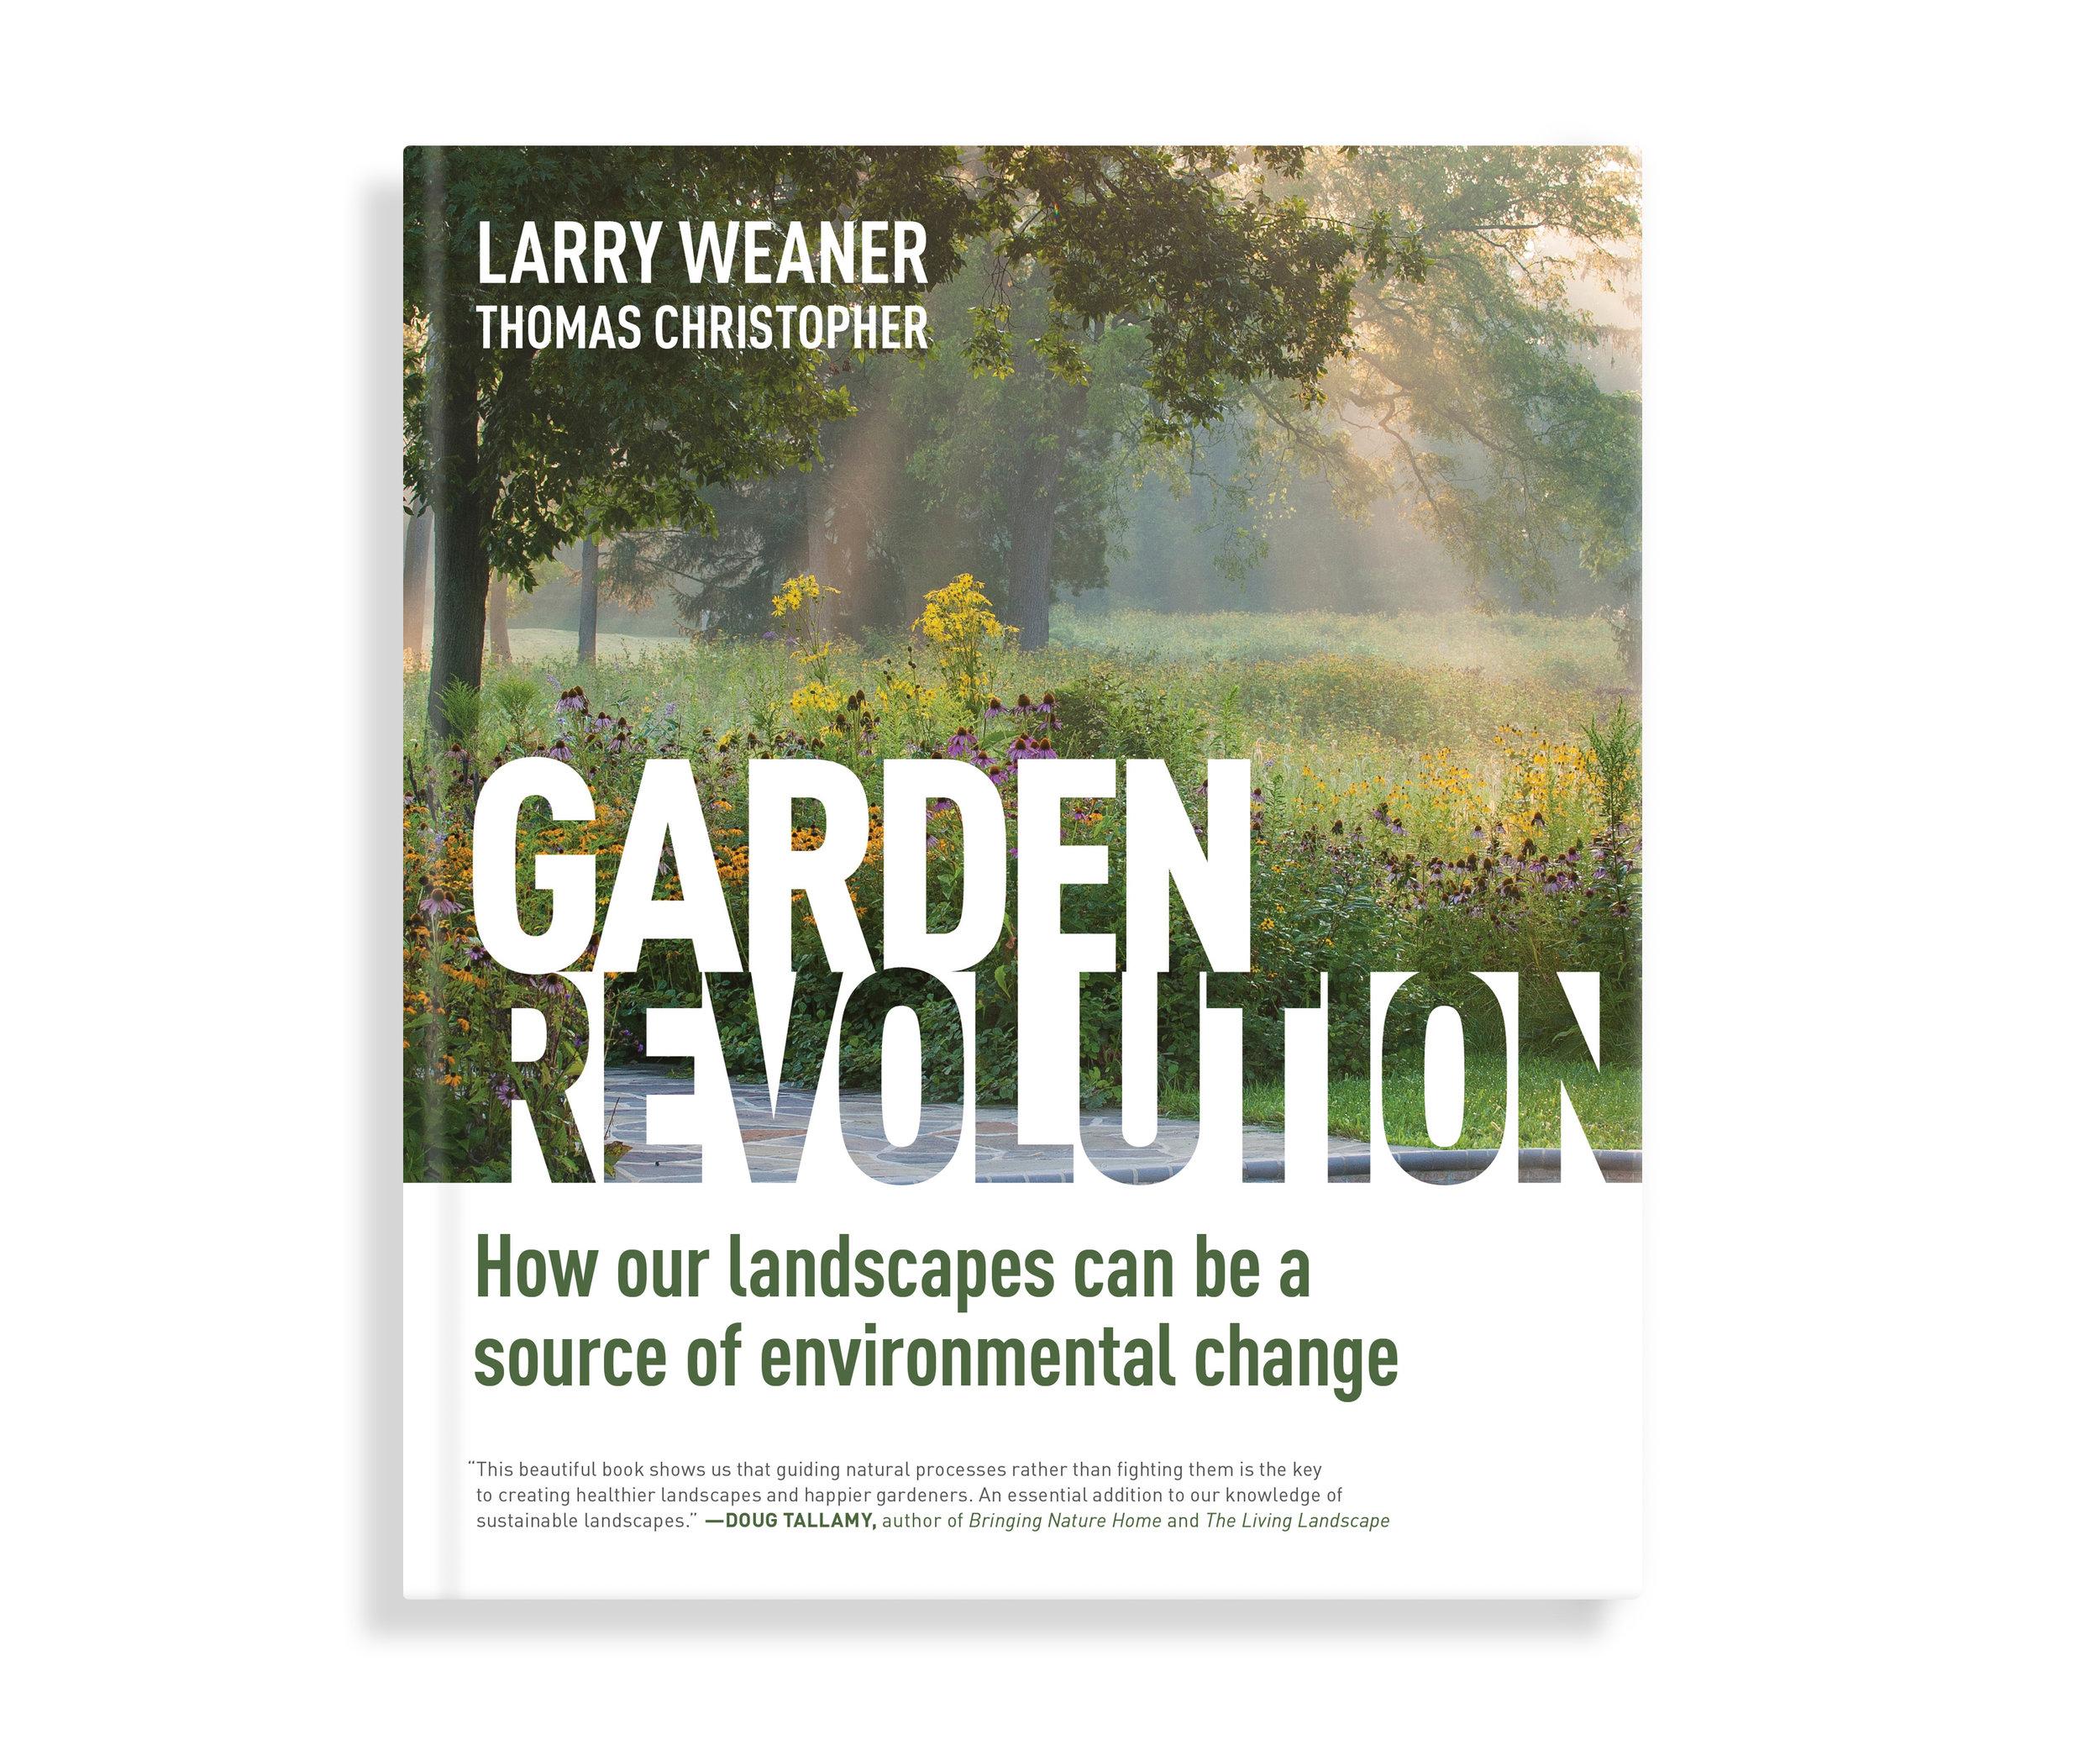 book_gardenrevolution_cover_001.jpg